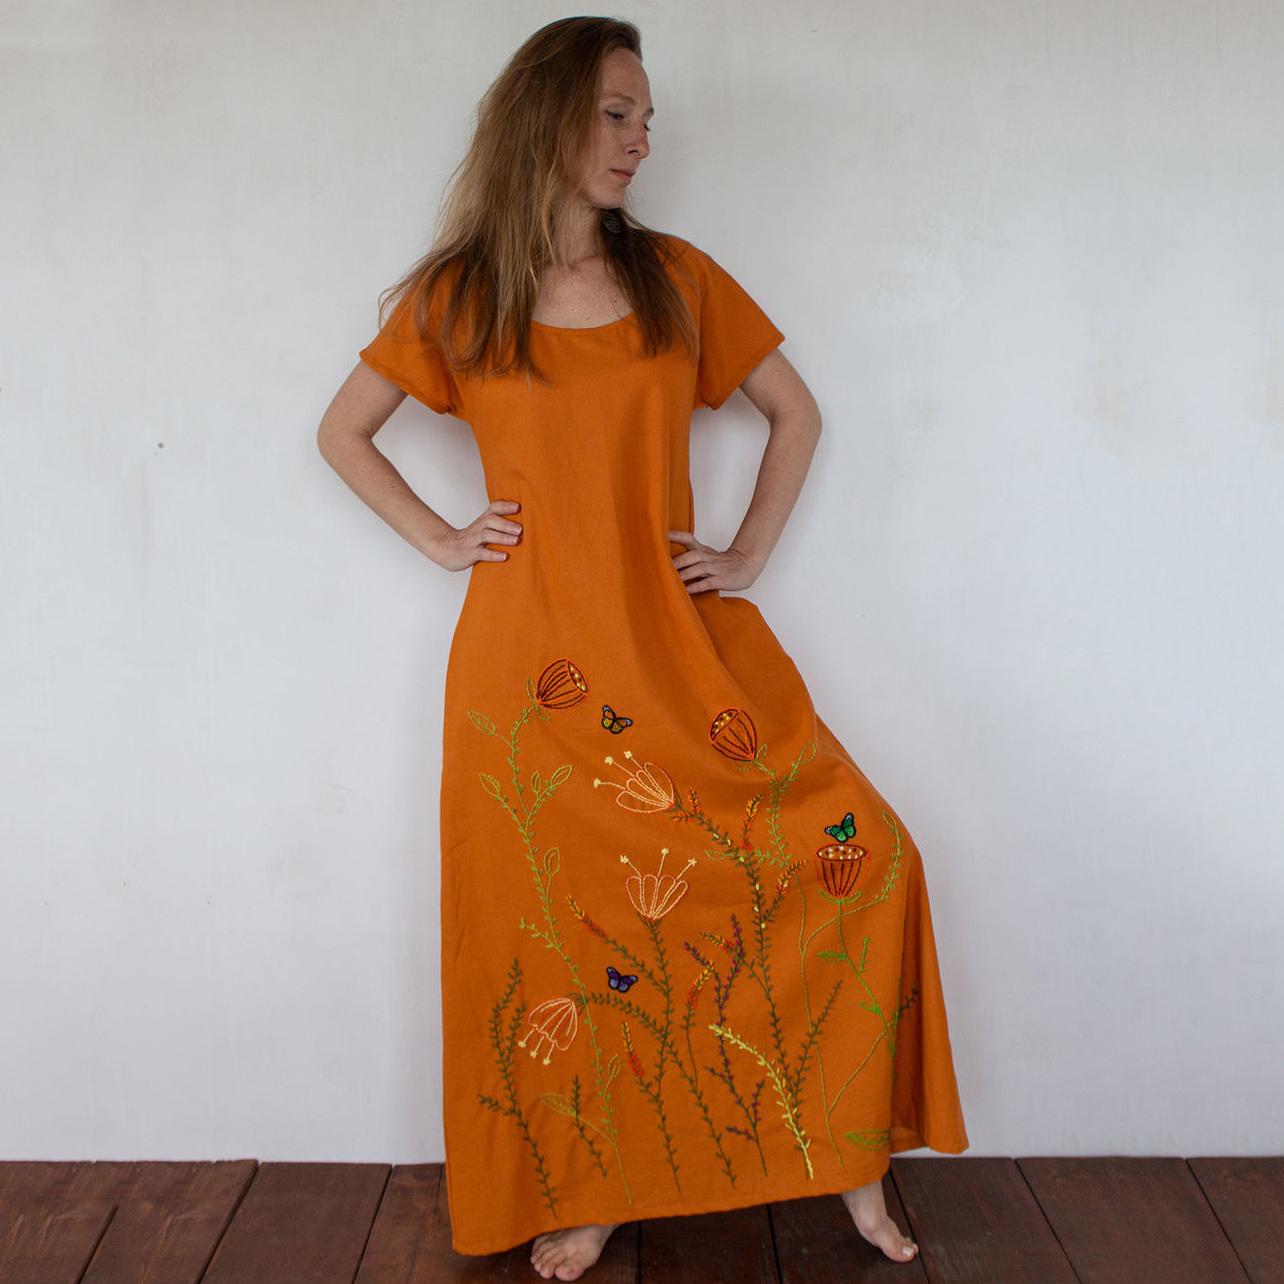 MarlЁn оранжевое платьe с вышивкой (1)